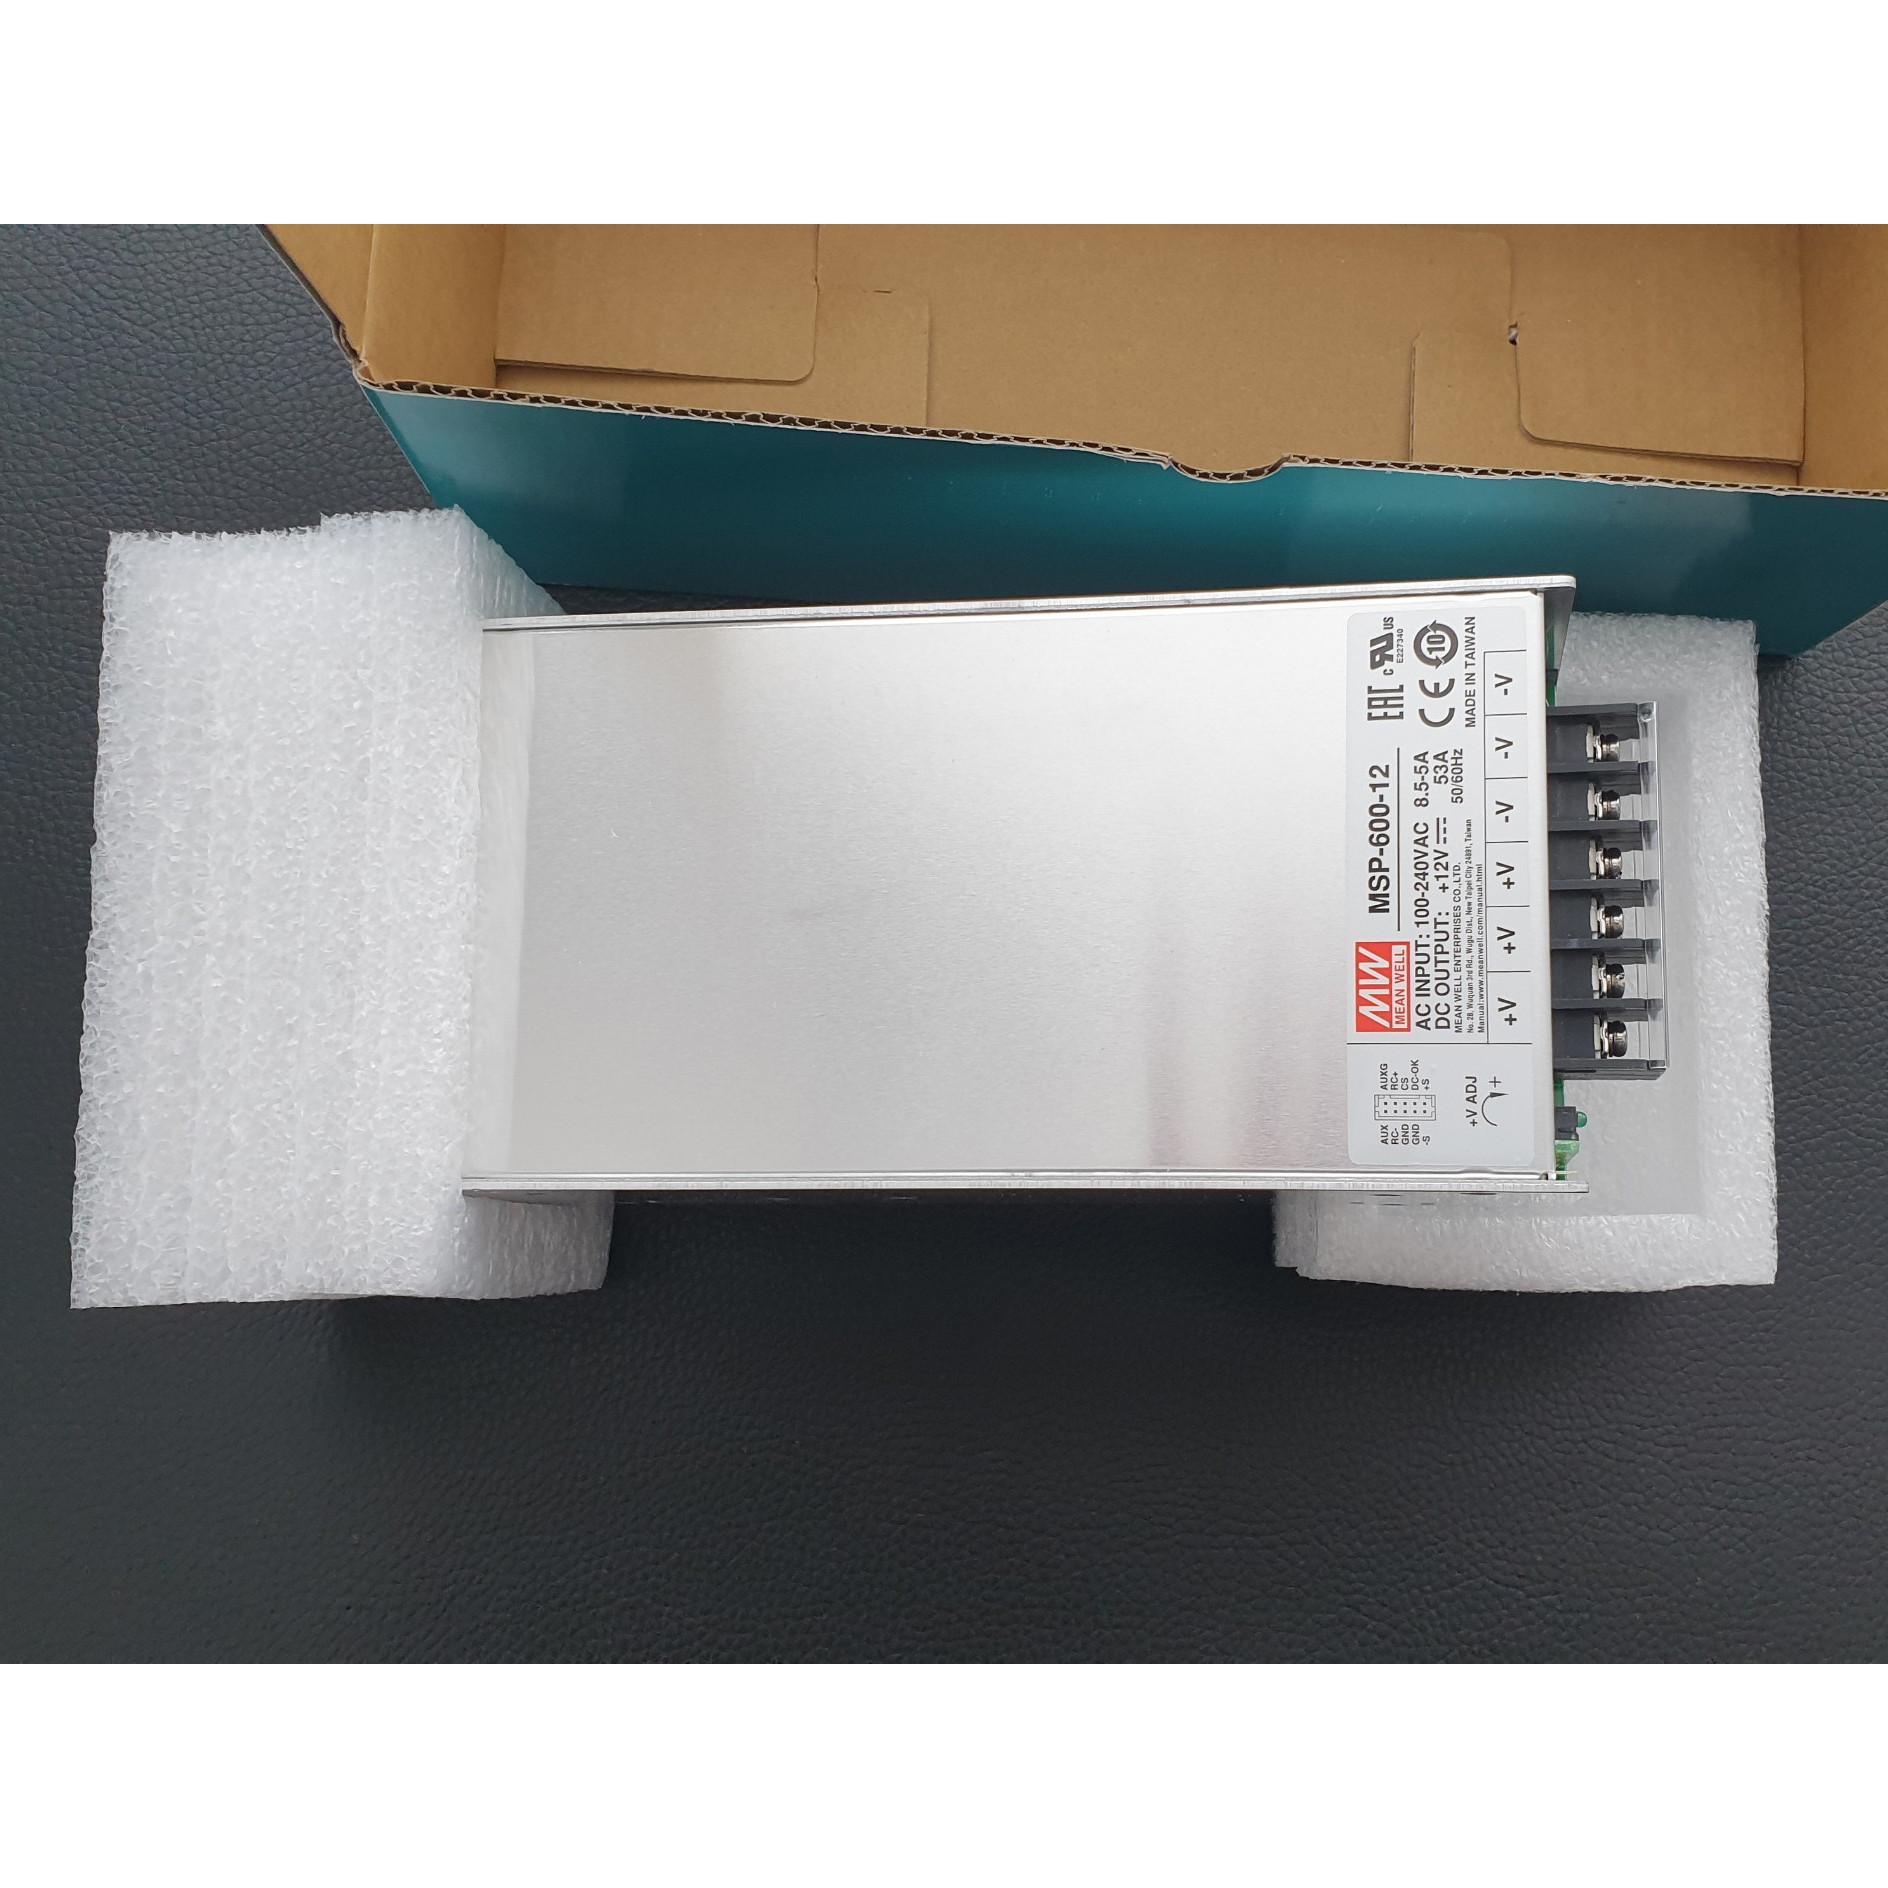 Nguồn công nghiệp Mean Well Công suất 600 W, Điện áp ra 12V, Model: MSP-600-12. Hàng chính hãng.